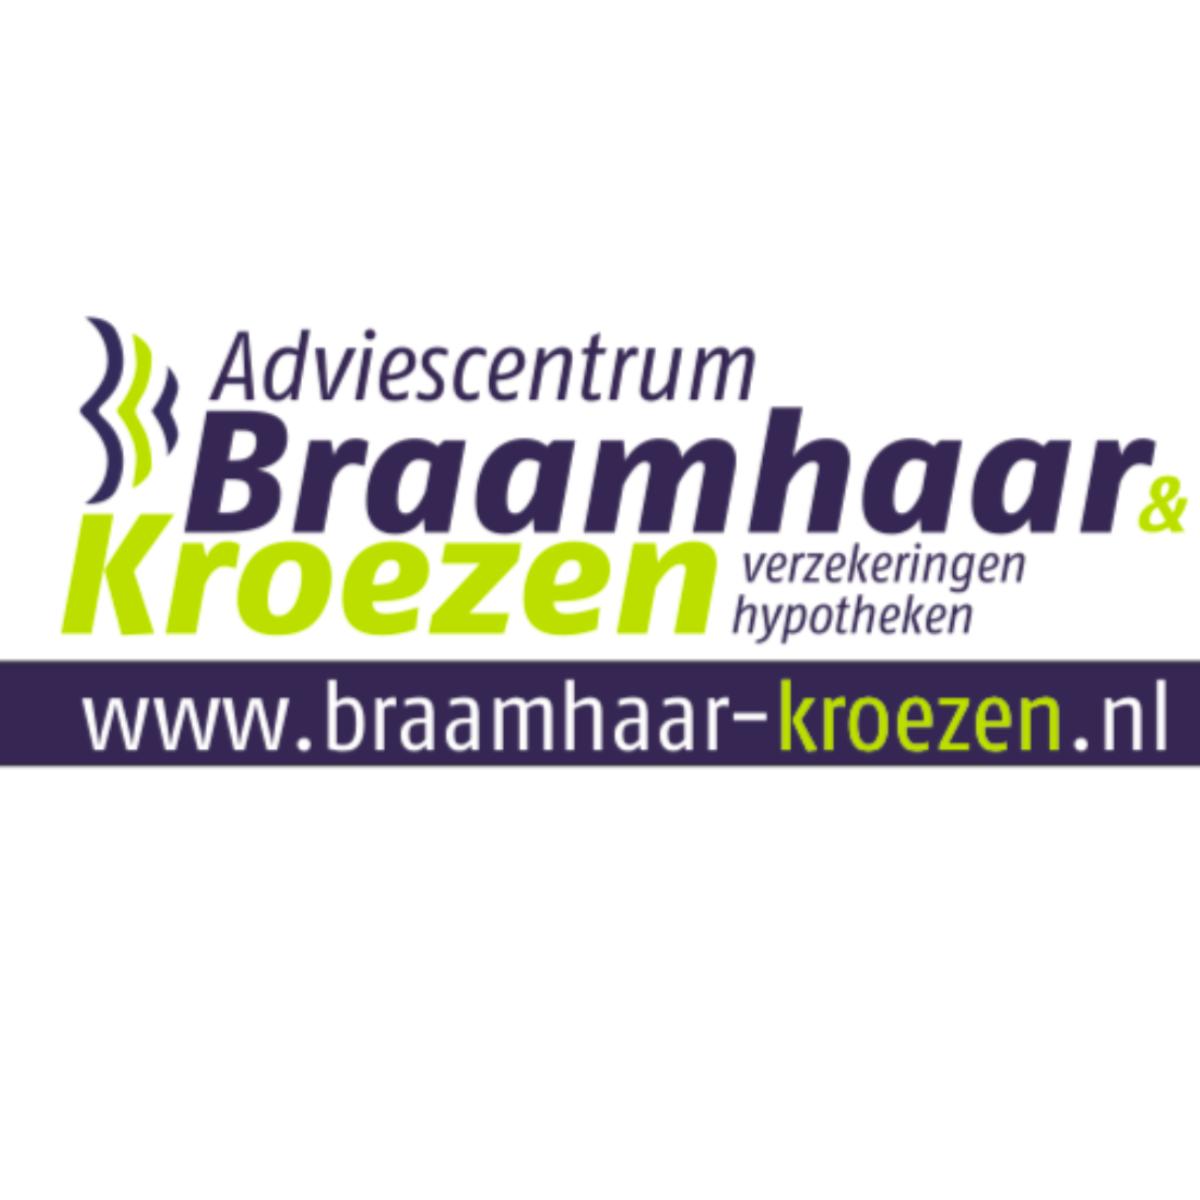 Braamhaar Kroezen